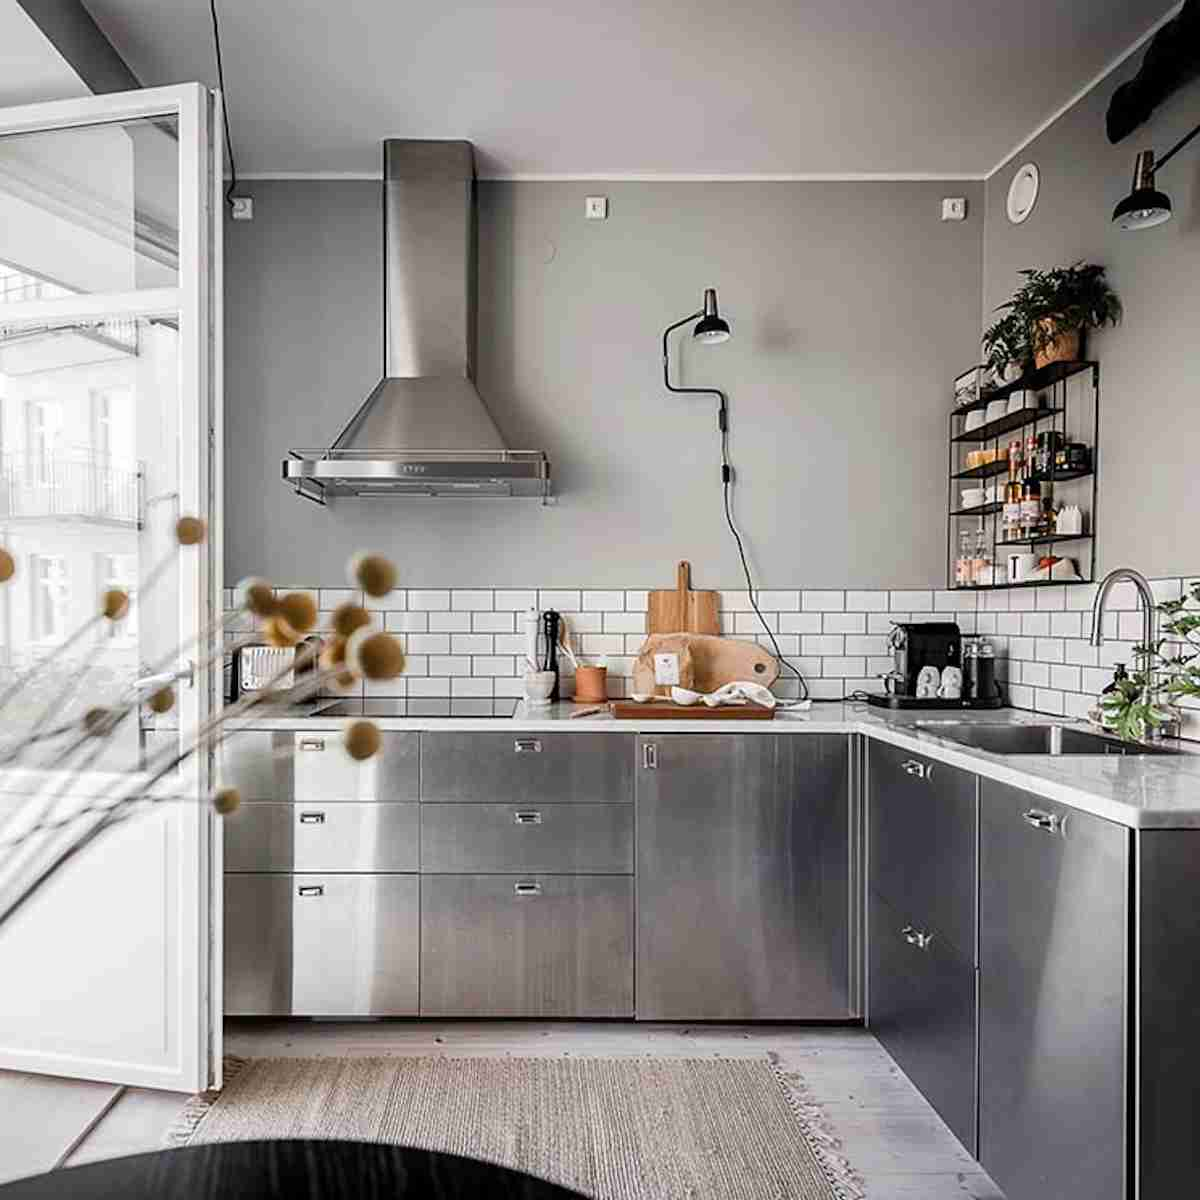 Cómo organizar una cocina sin muebles altos 35